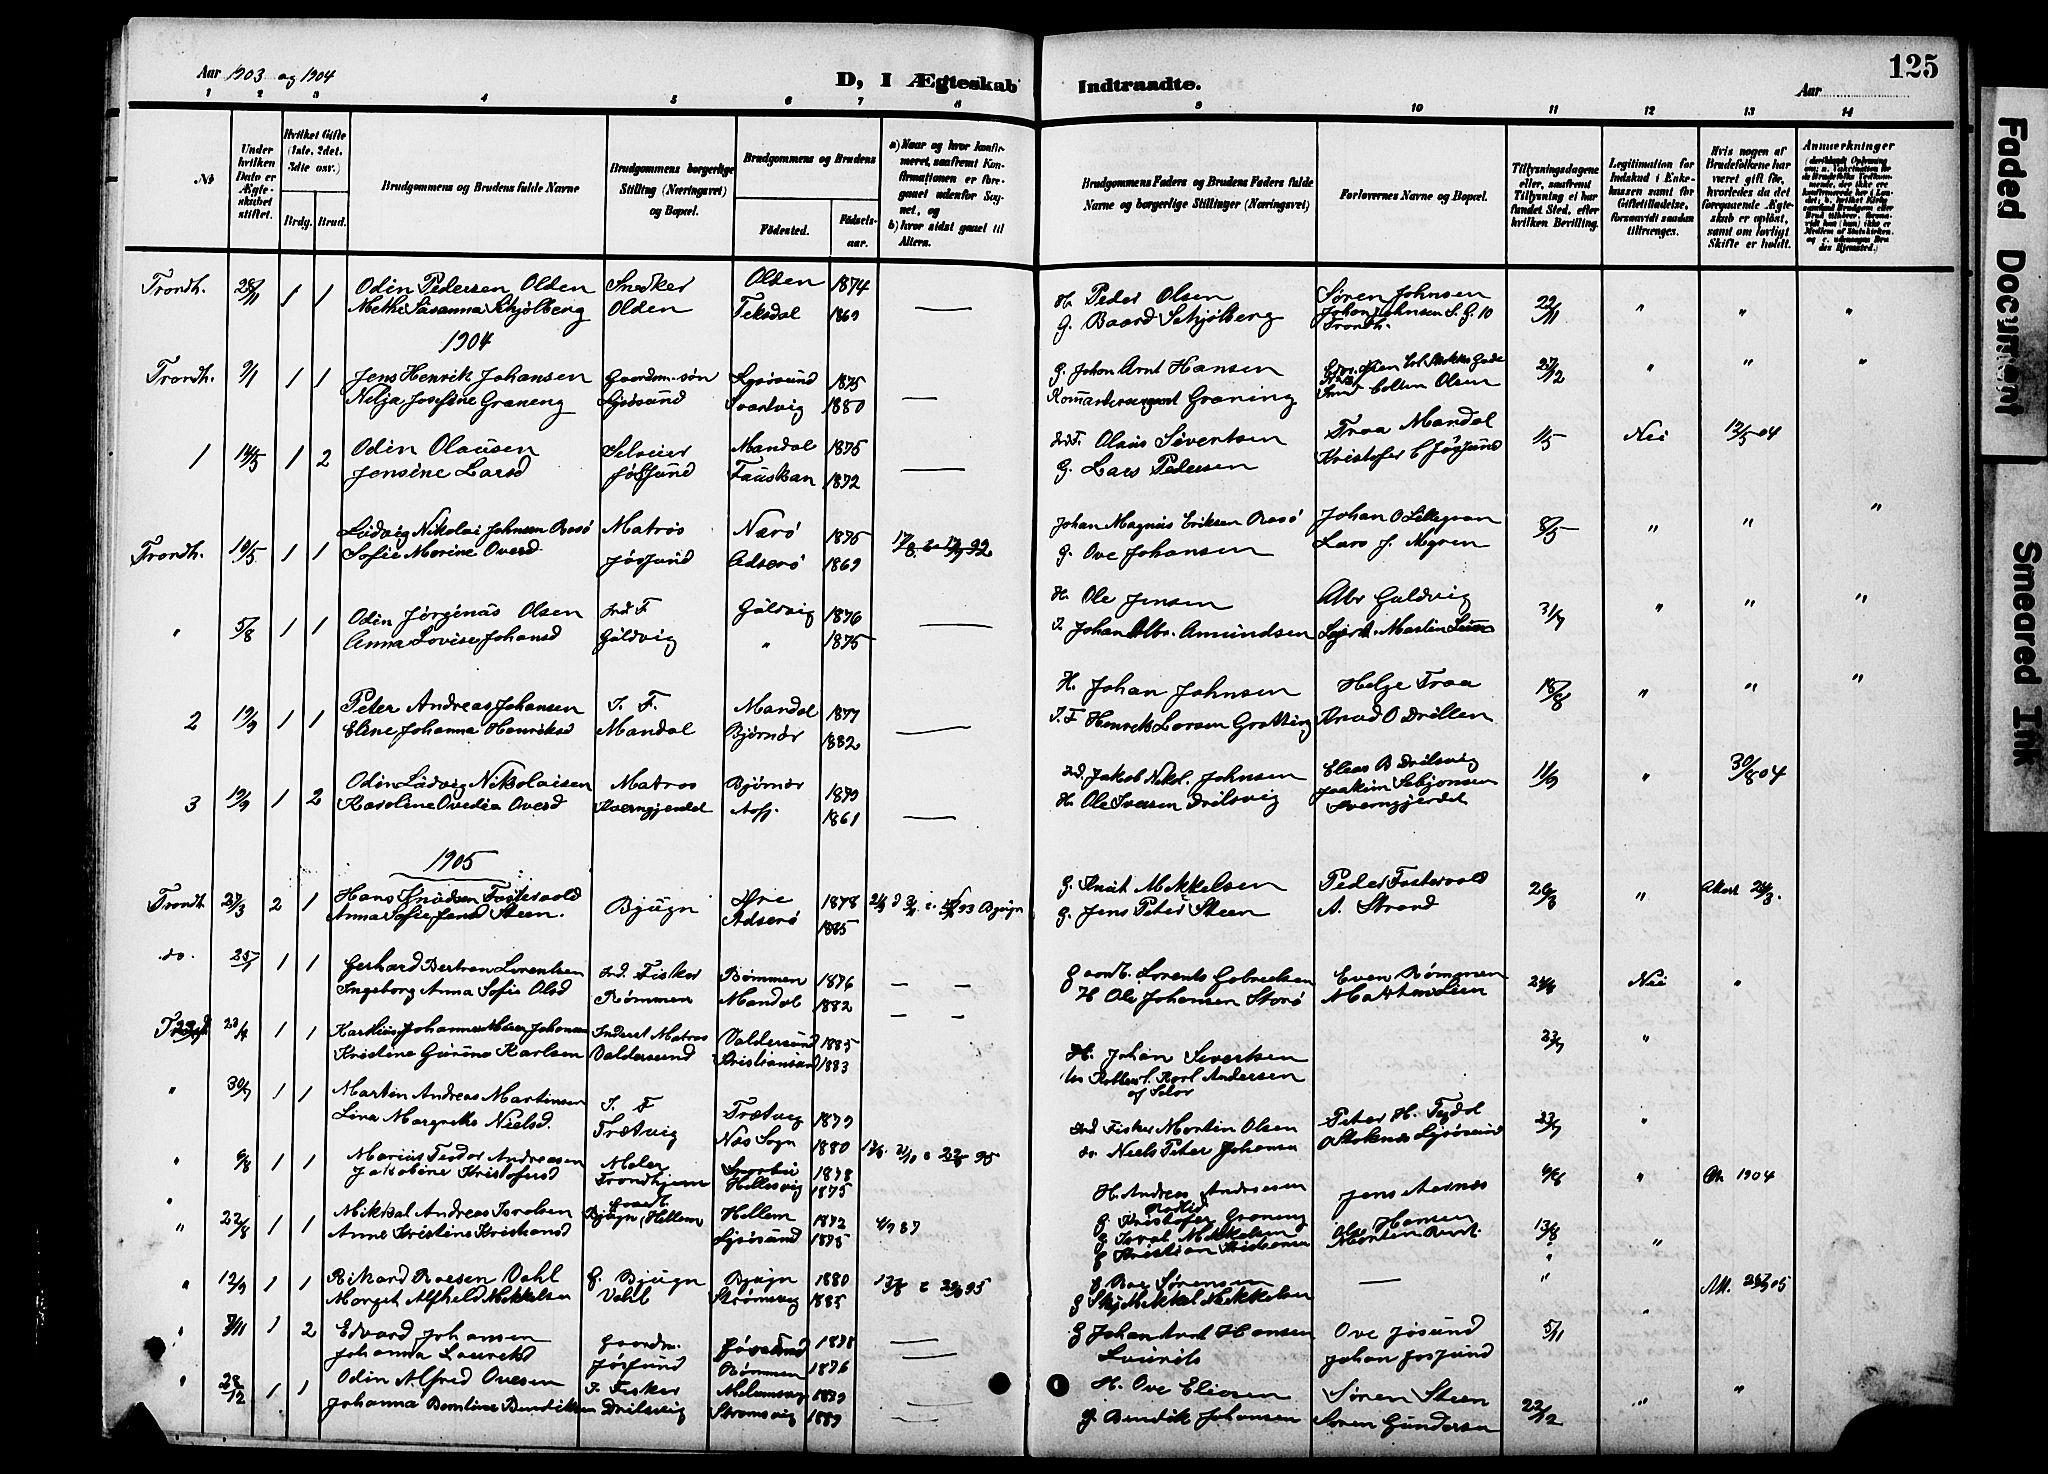 SAT, Ministerialprotokoller, klokkerbøker og fødselsregistre - Sør-Trøndelag, 654/L0666: Klokkerbok nr. 654C02, 1901-1925, s. 125